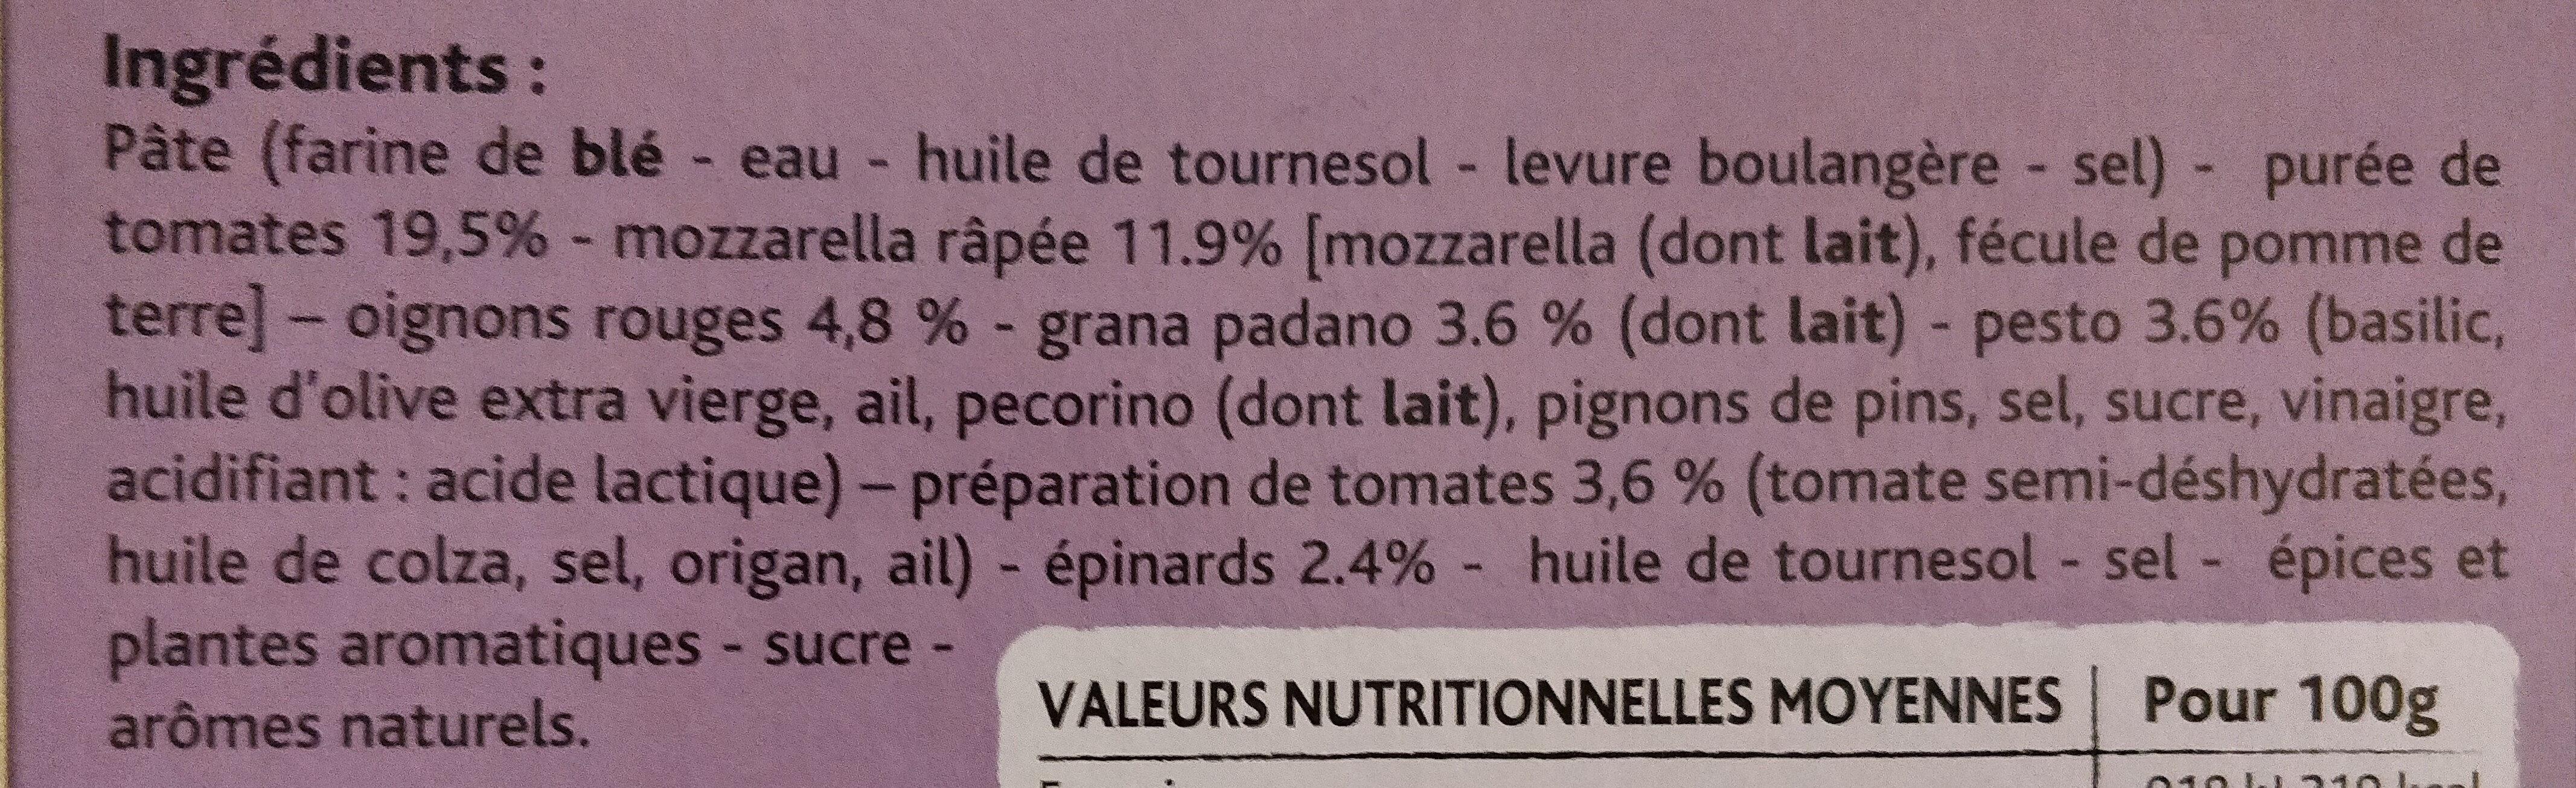 Pizza legumes - grana padano - pesto - Ingrédients - fr